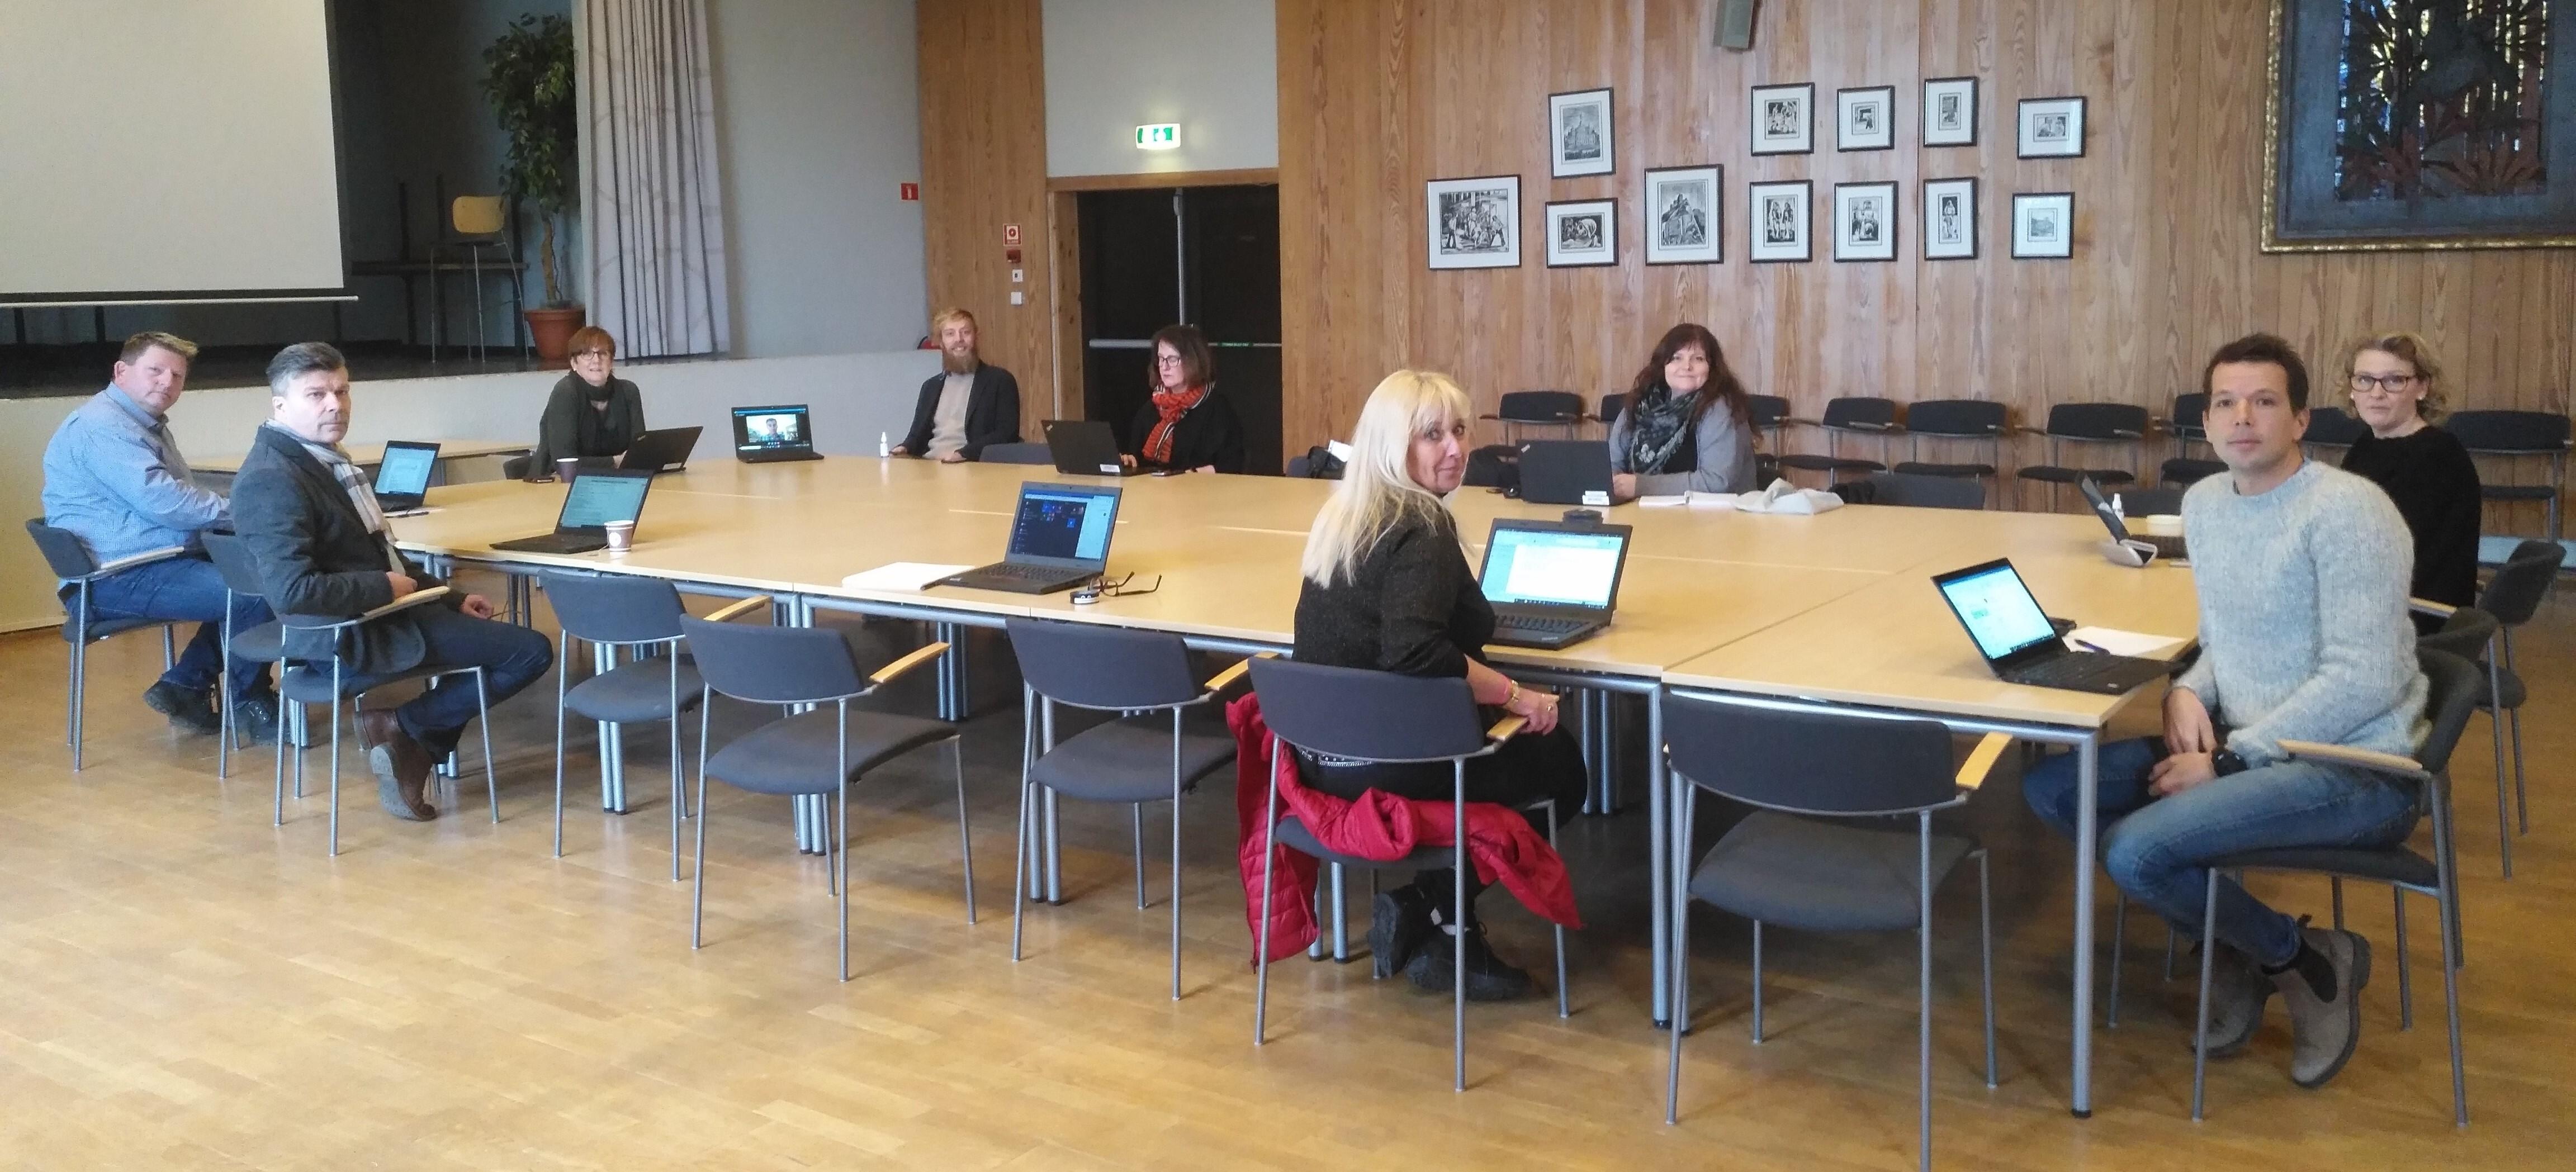 Kriseledelse koronavirus mandag 16. mars - Enebakk kommune - cropdd.jpg